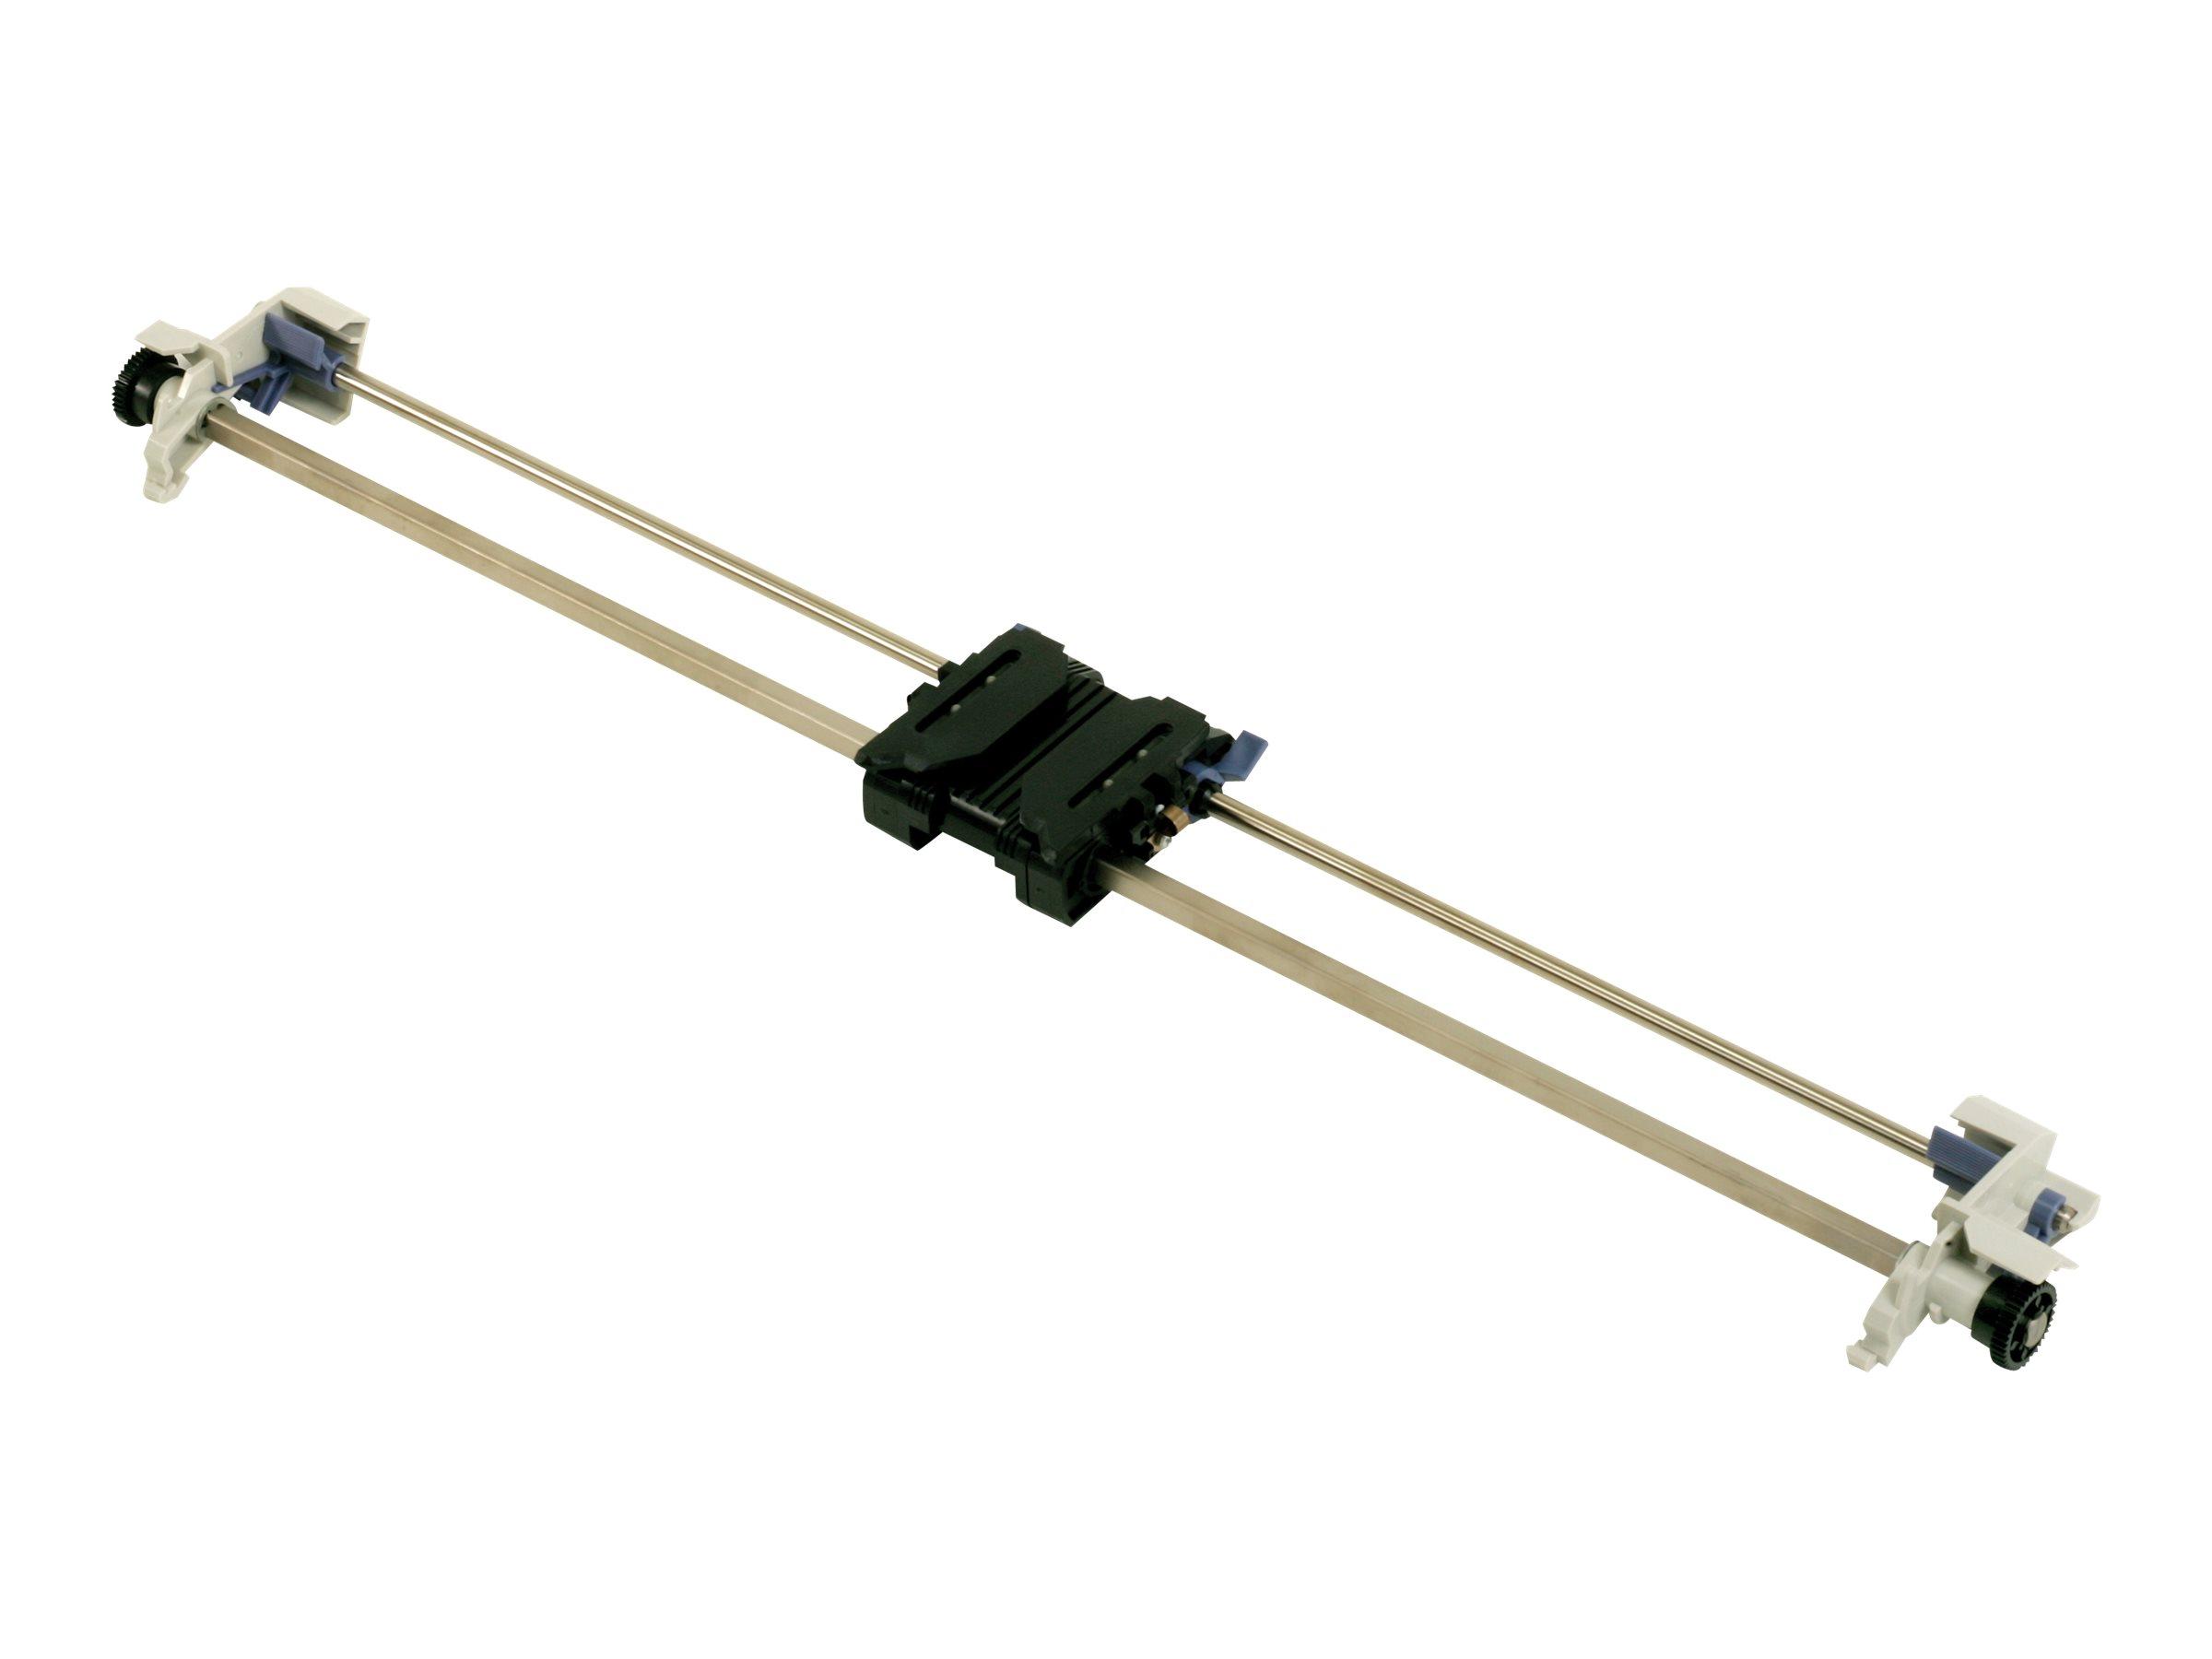 Epson - Zugtraktor - für FX 2180; LQ 2080, 2180, 2190, 2190N